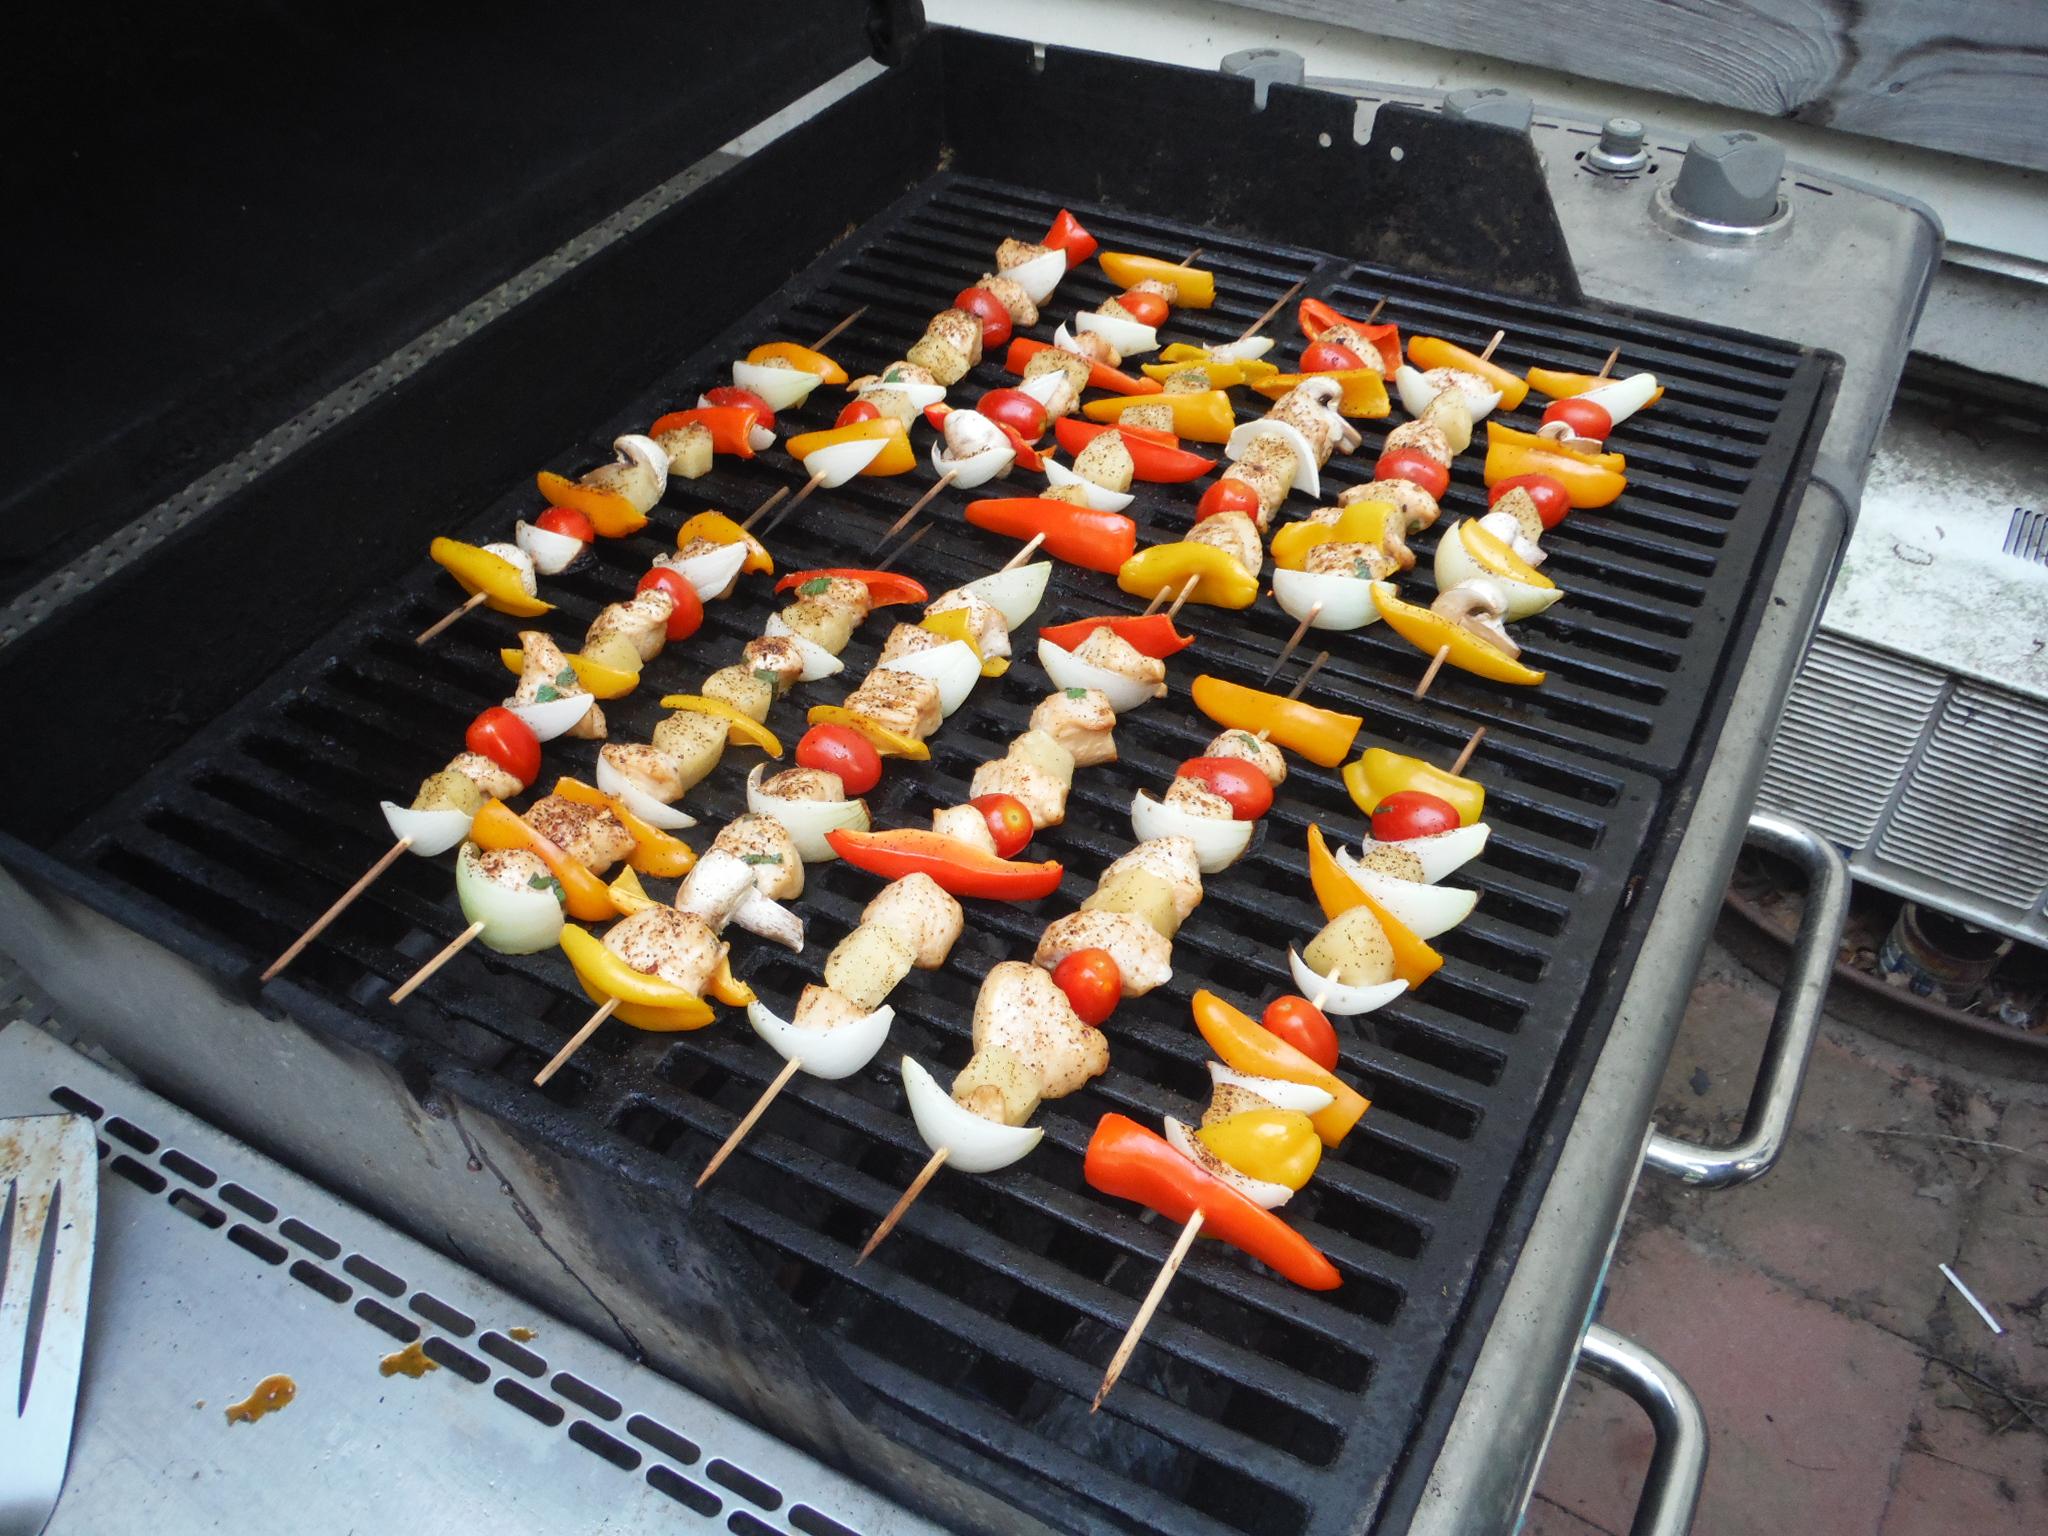 Shish Kebab Origin Shish Kebab Originated in